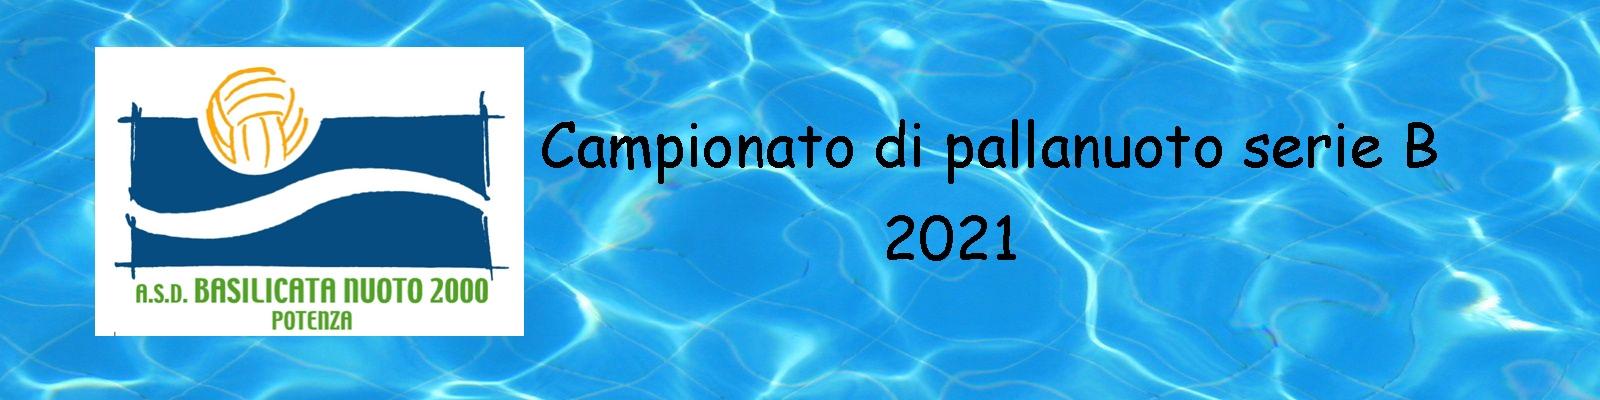 Basilicata Nuoto 2000 anno 2021